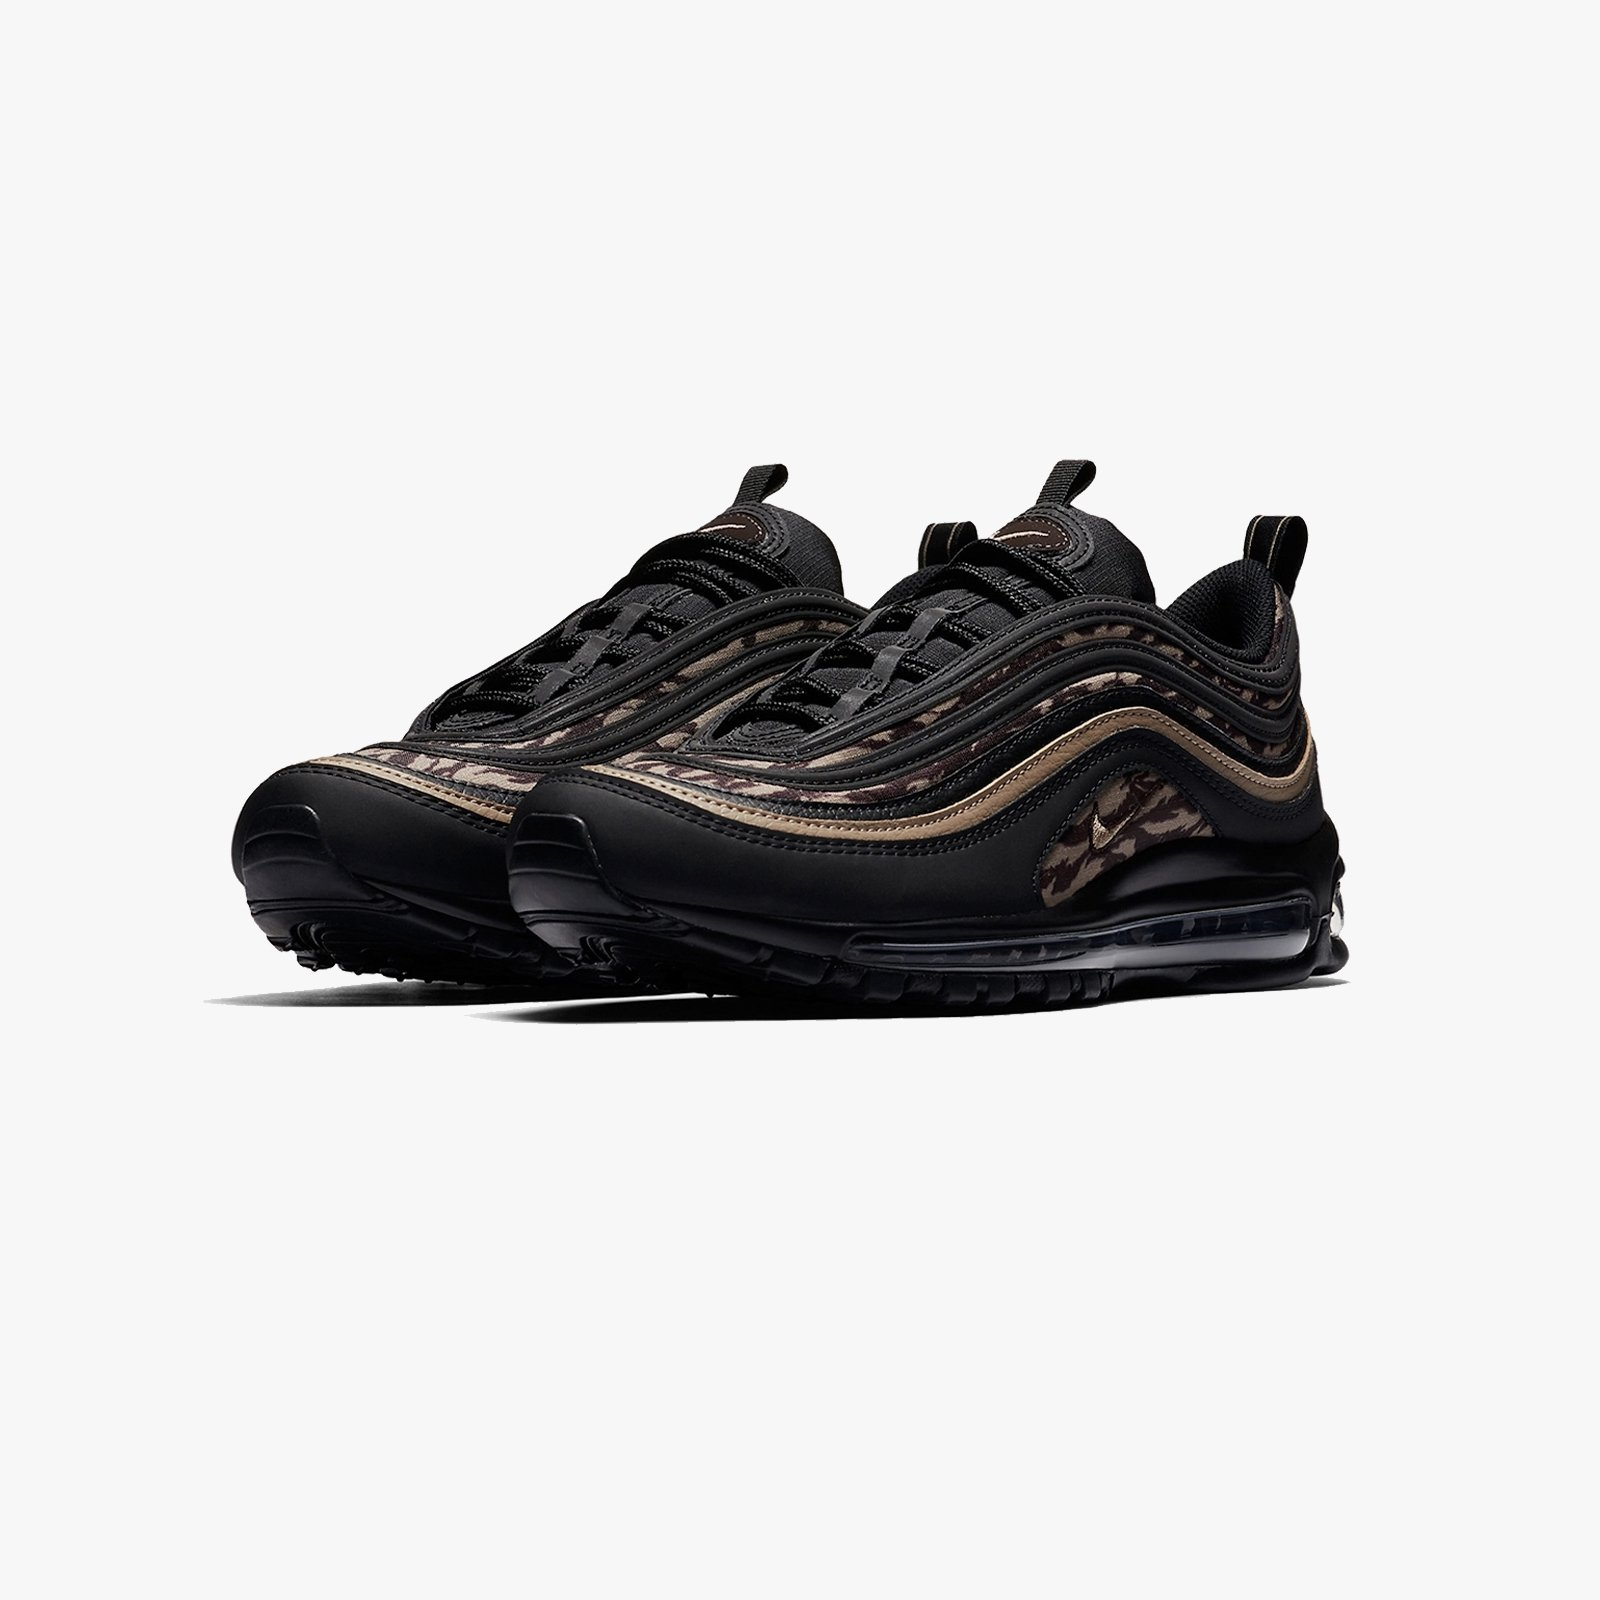 6edf33a661 Nike Air Max 97 AOP - Aq4132-001 - Sneakersnstuff   sneakers & streetwear  online since 1999